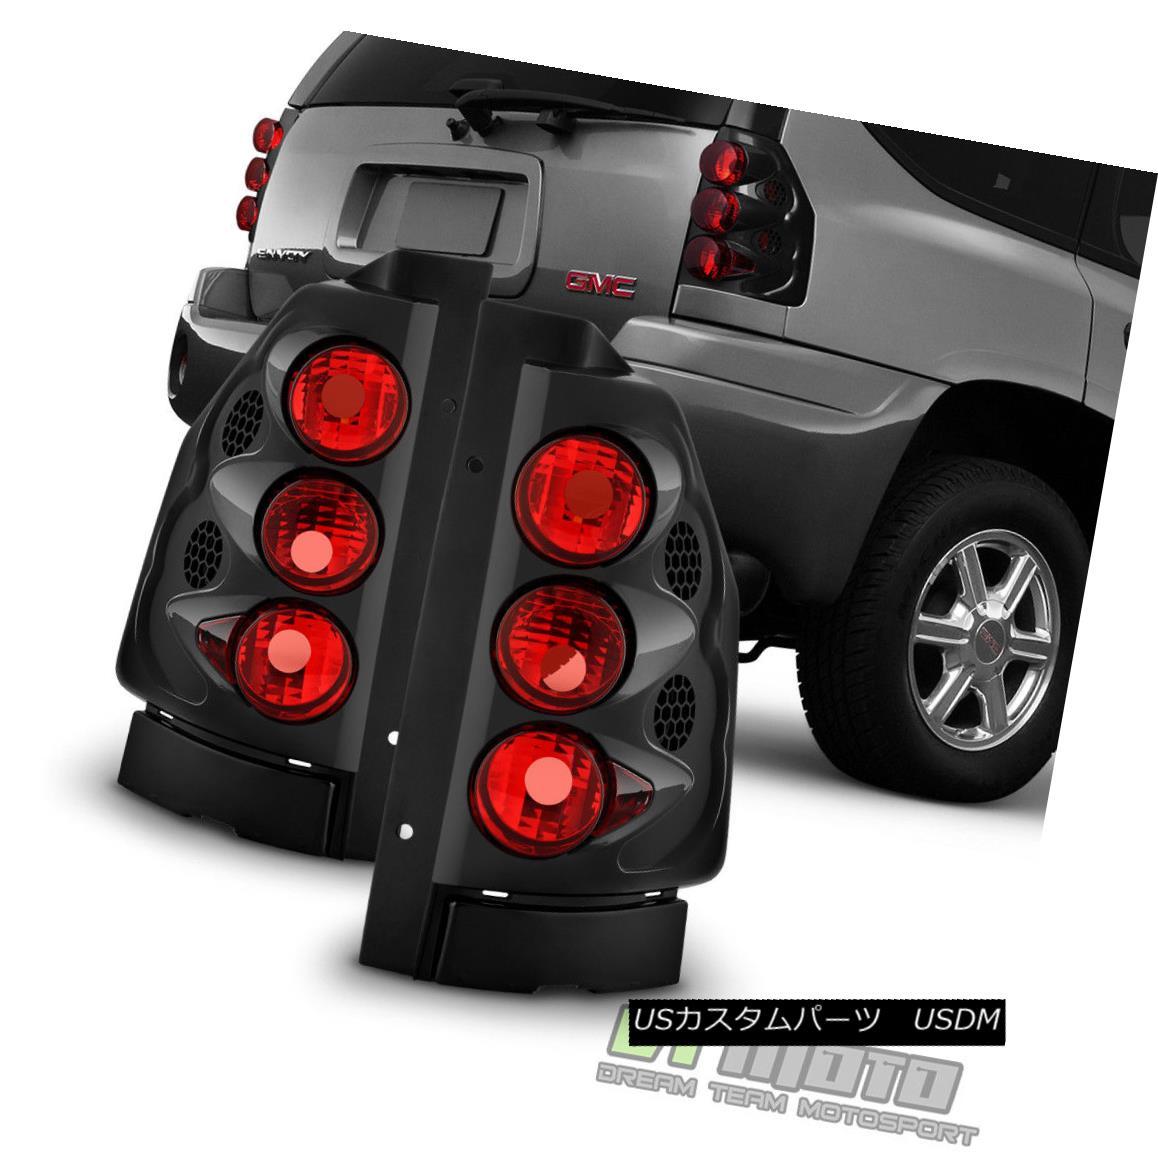 テールライト Black 2002-2009 GMC Envoy/ Envoy XL Tail Lights Brake Lamps 02-09 Set Left+Right ブラック2002-2009 GMCエンボイ/エンボイXLテールライトブレーキランプ02-09セット左+右